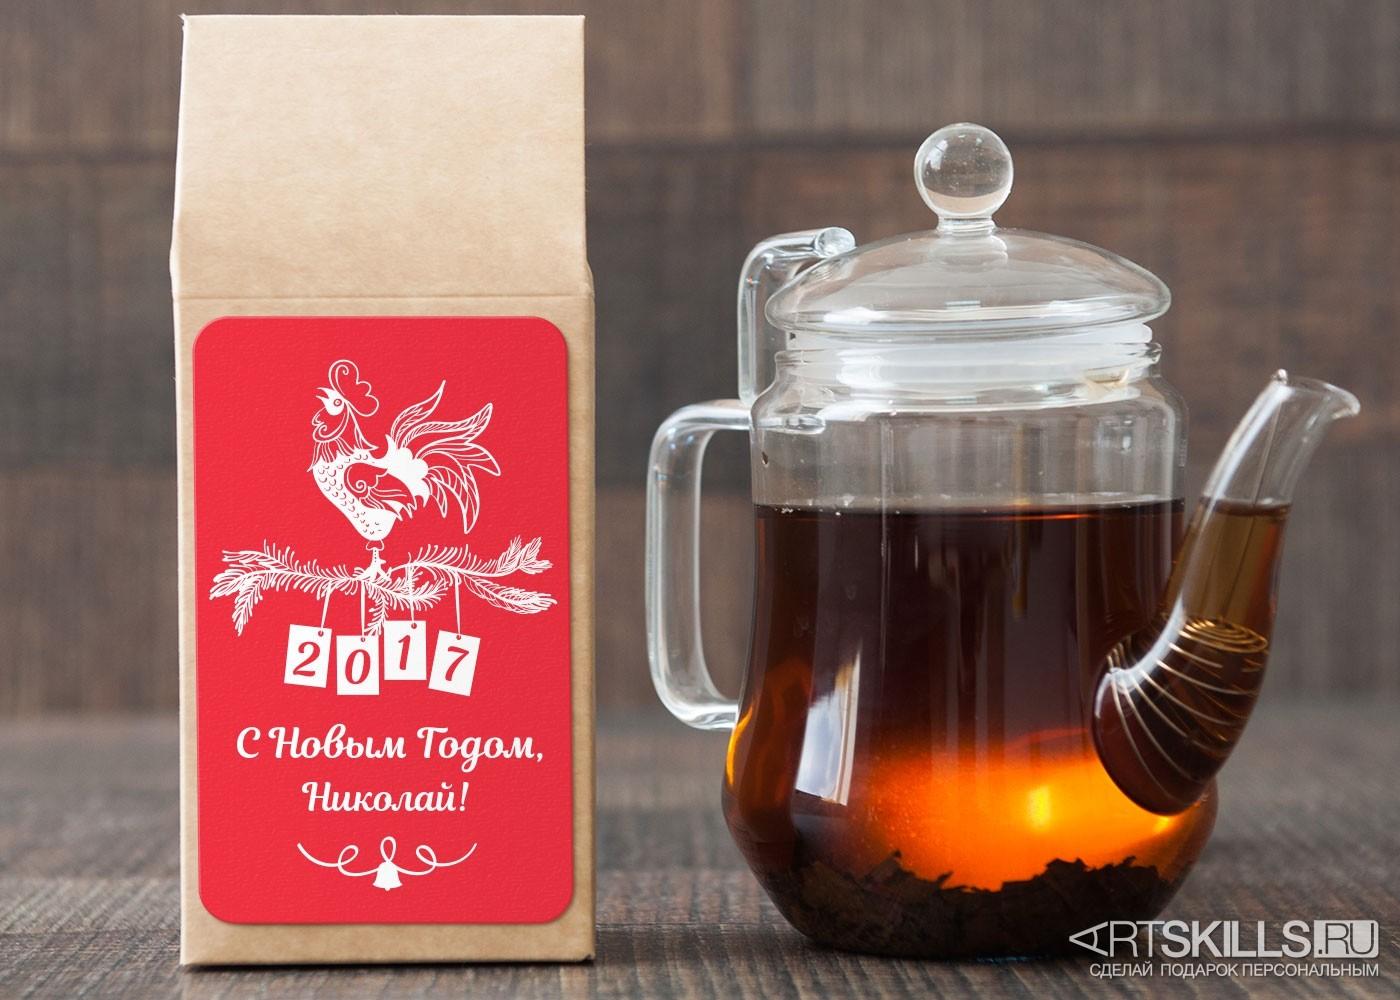 Чай в подарок поздравления